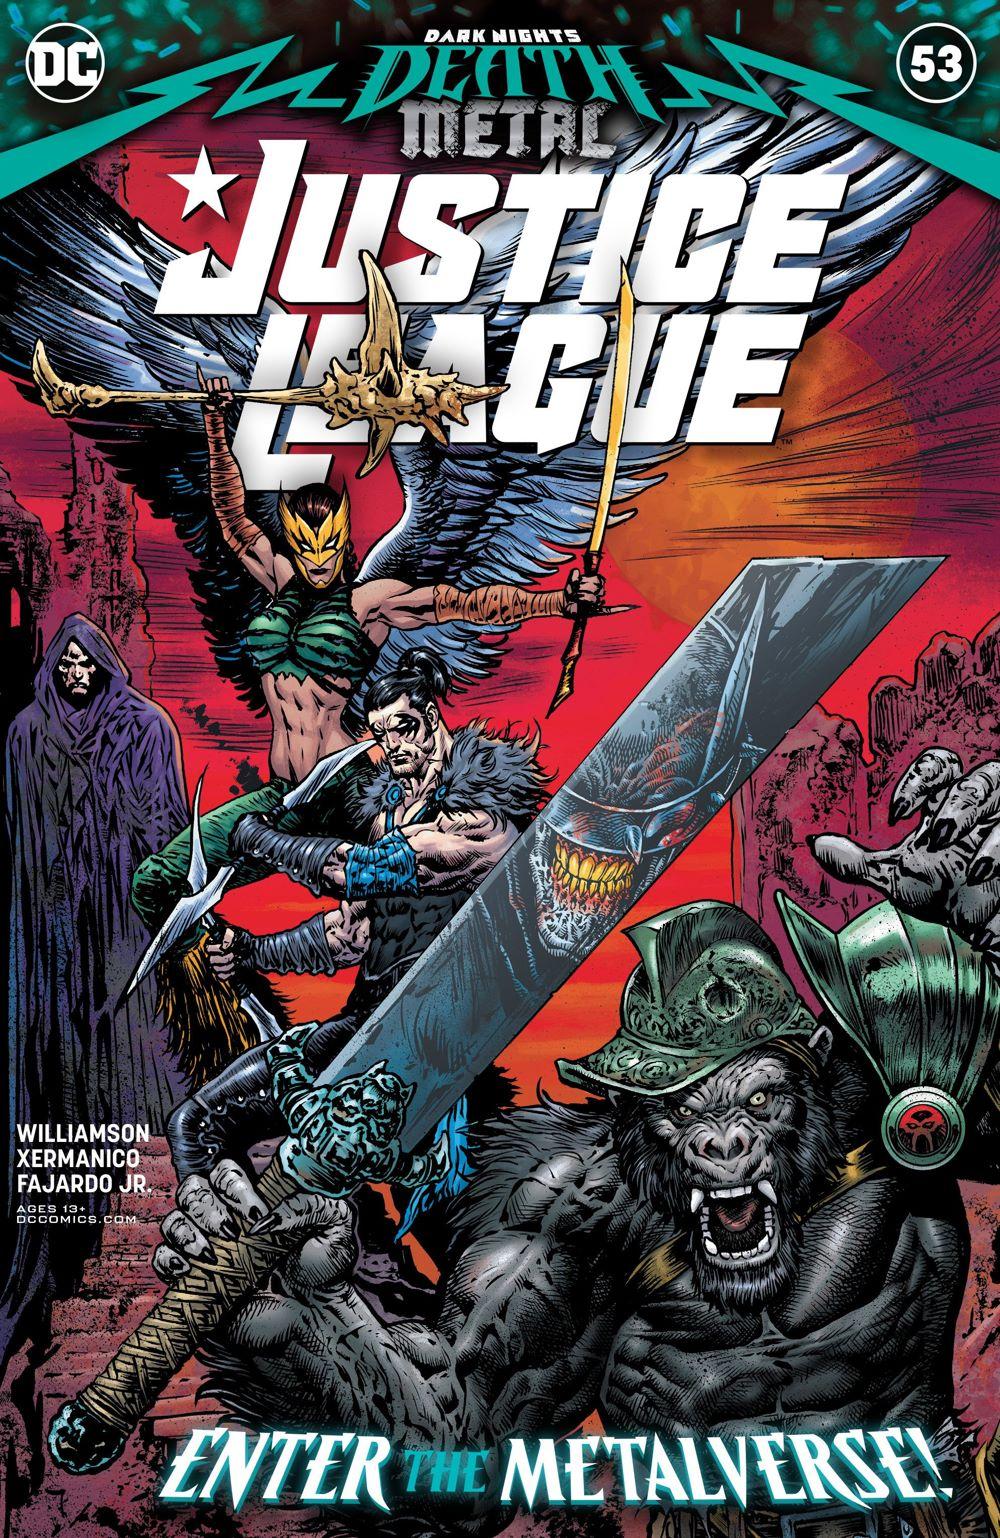 JUSTICE-LEAGUE-Cv53 ComicList Previews: JUSTICE LEAGUE #53